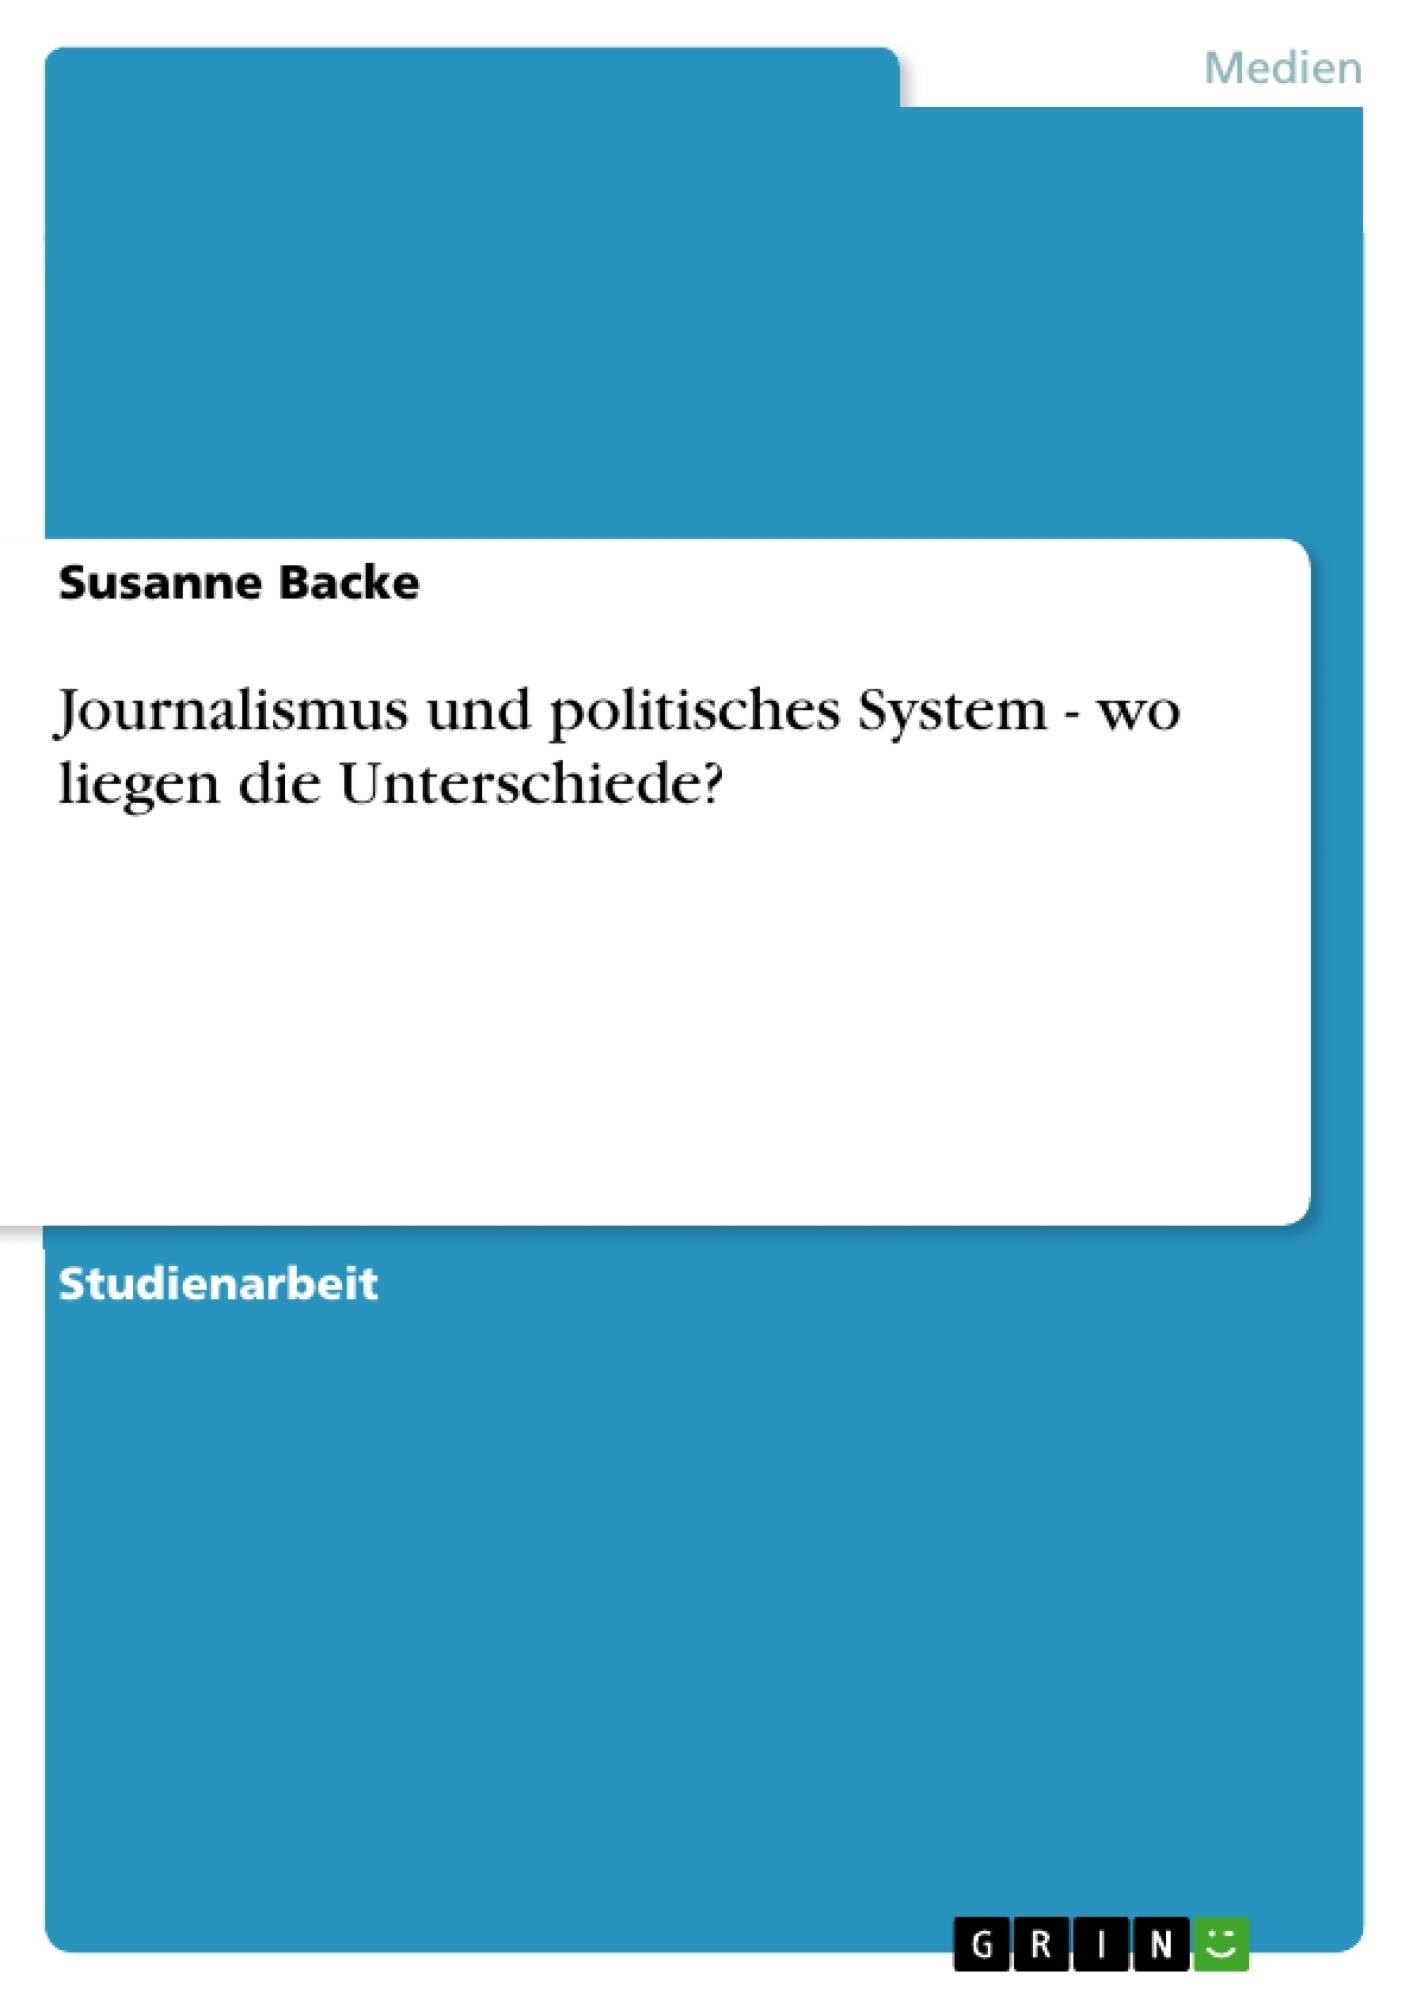 Titel: Journalismus und politisches System - wo liegen die Unterschiede?